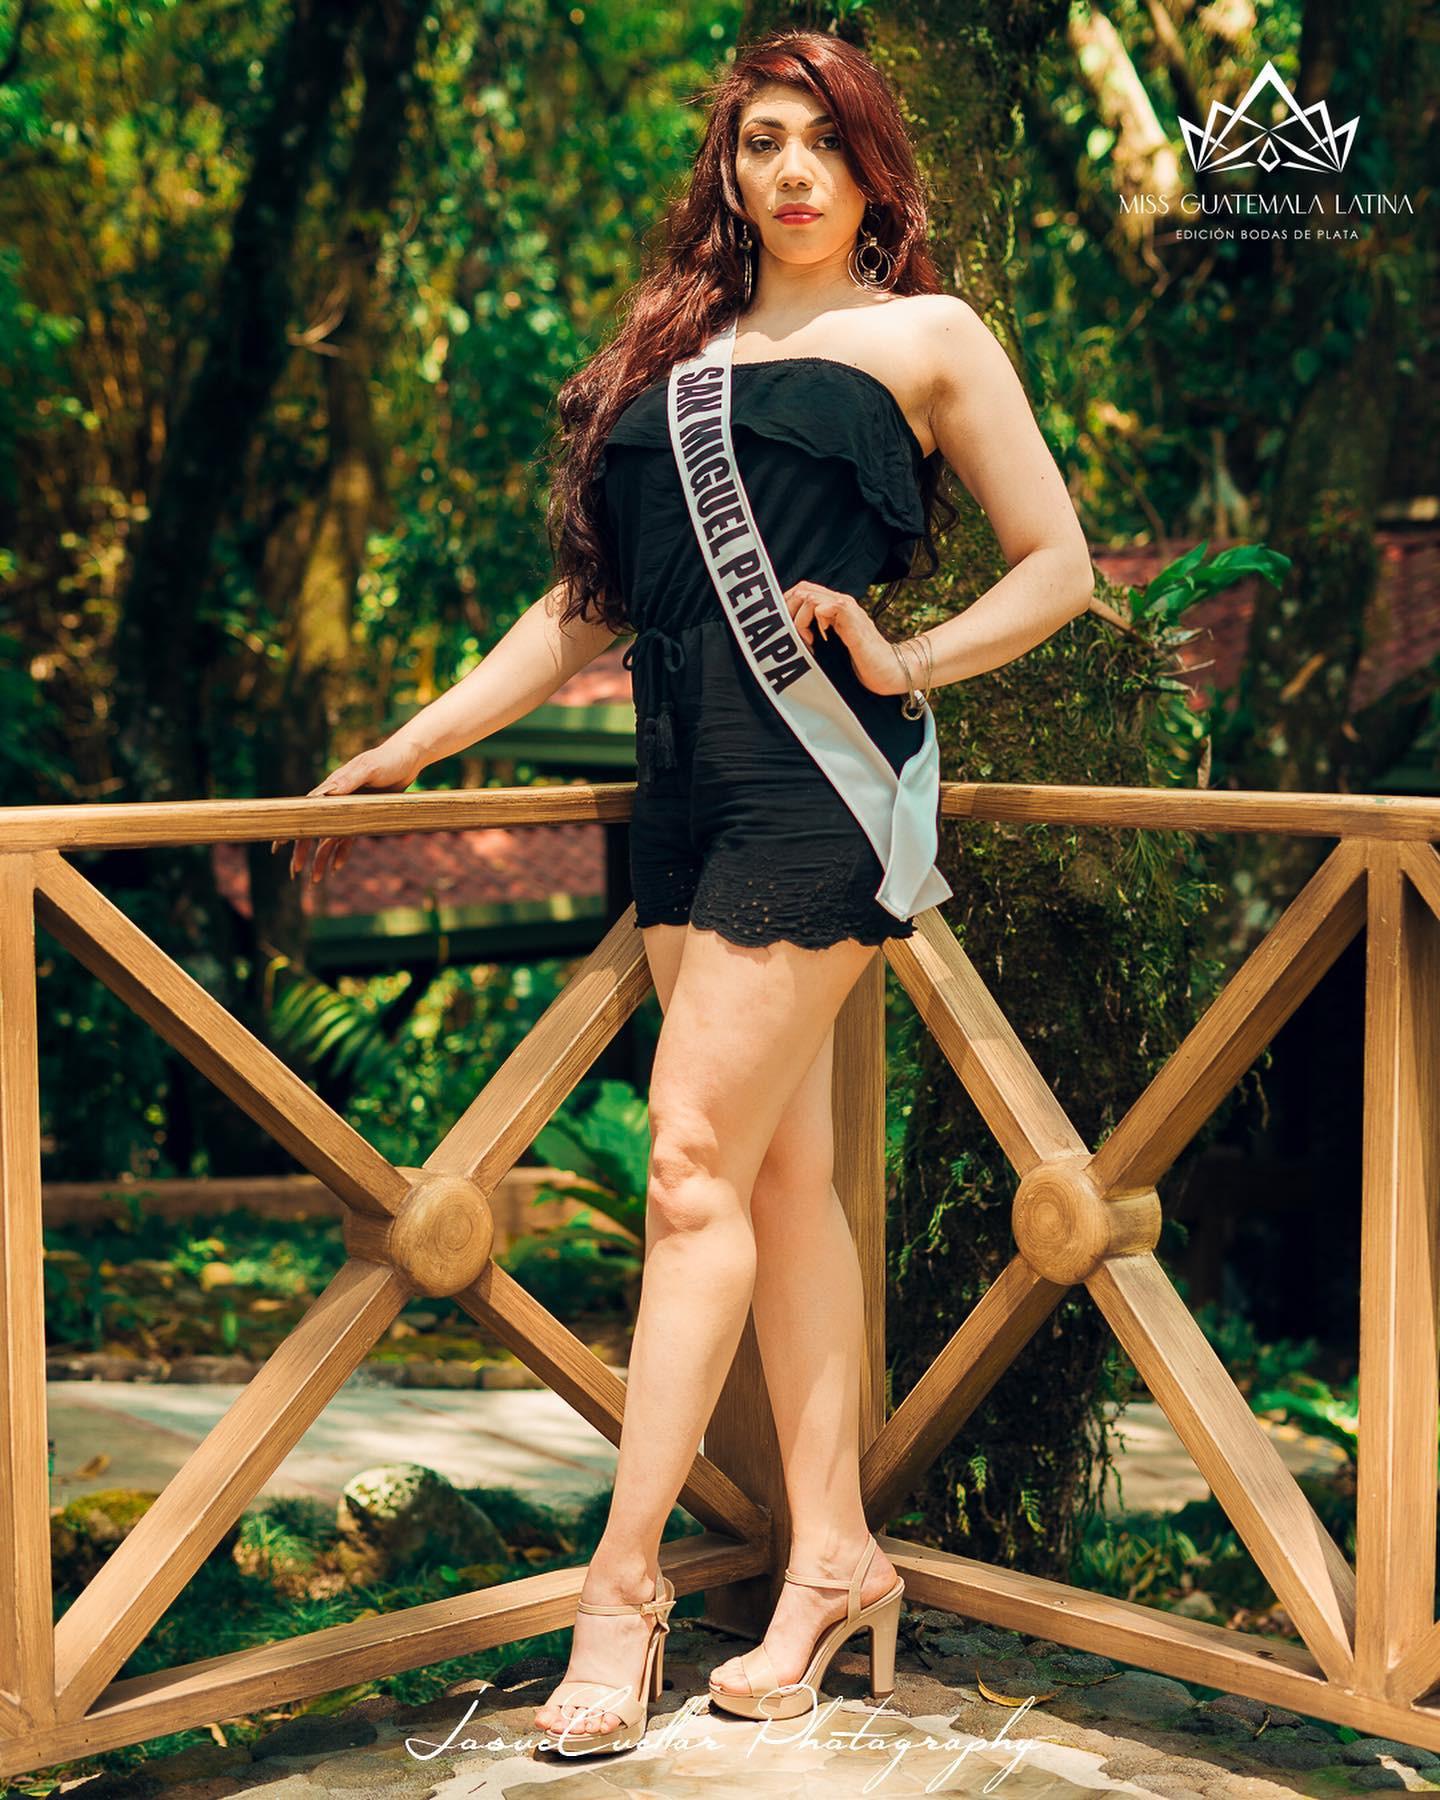 candidatas a miss guatemala latina 2021. final: 30 de abril. - Página 10 BFNK2S